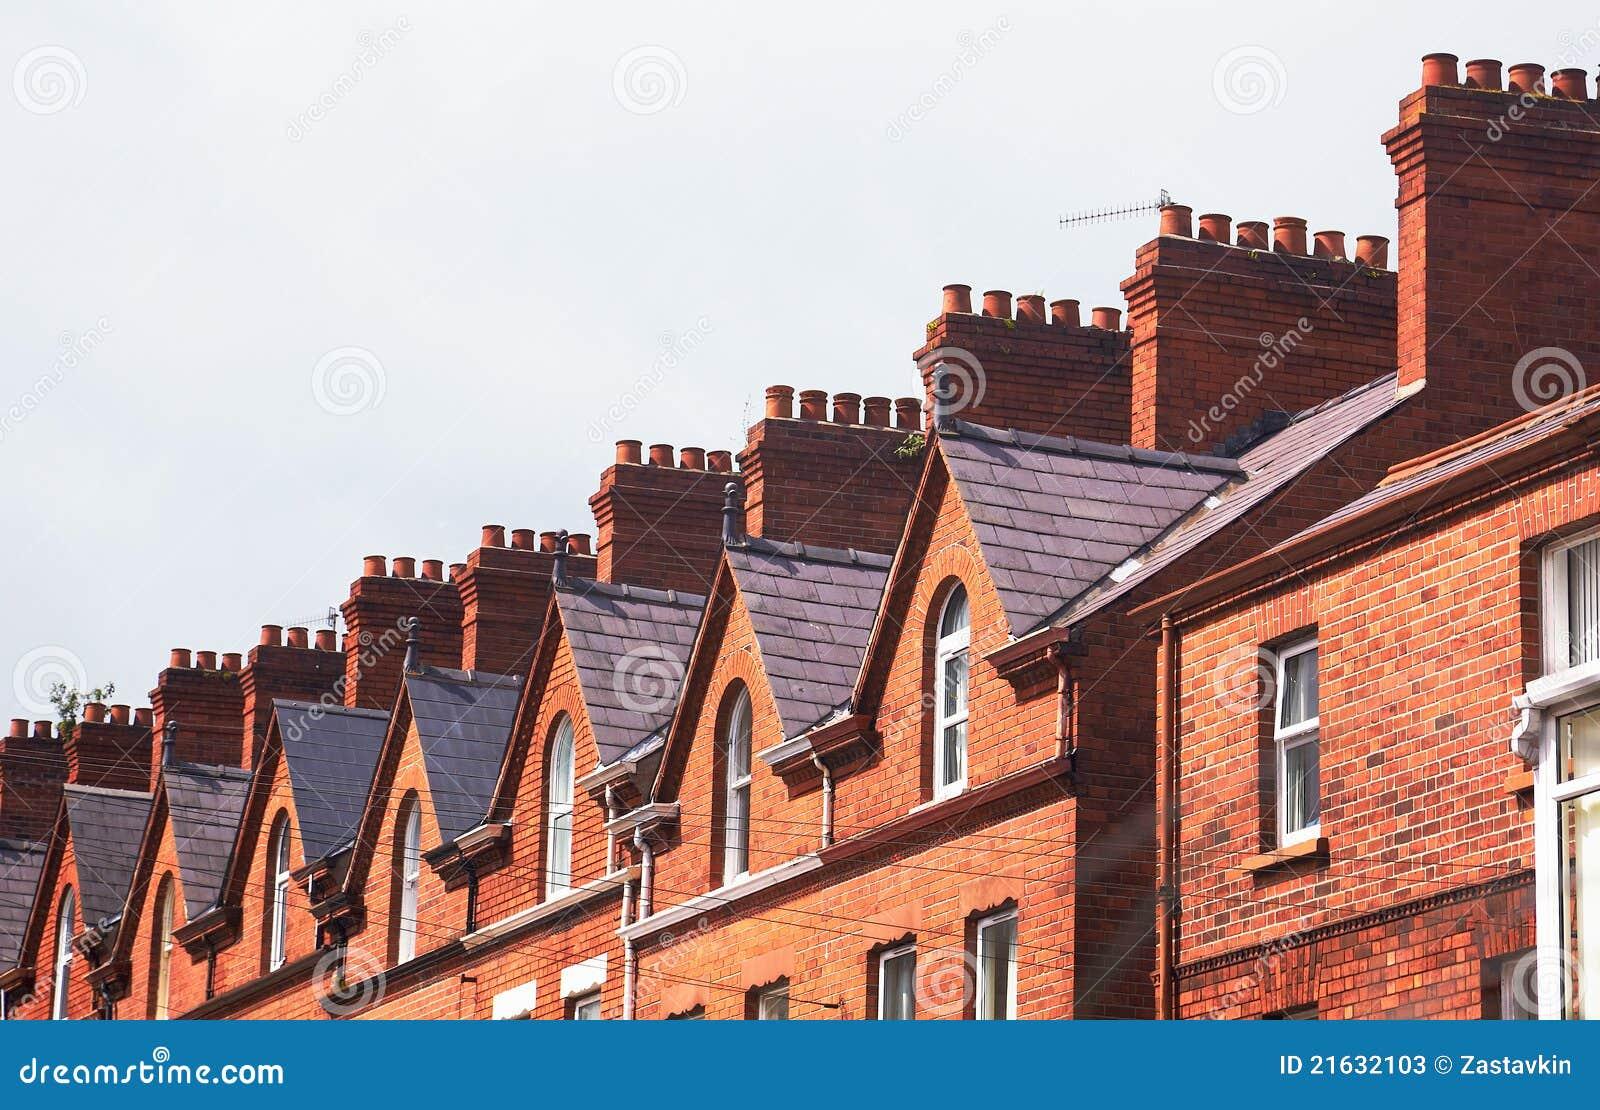 屋顶连栋房屋